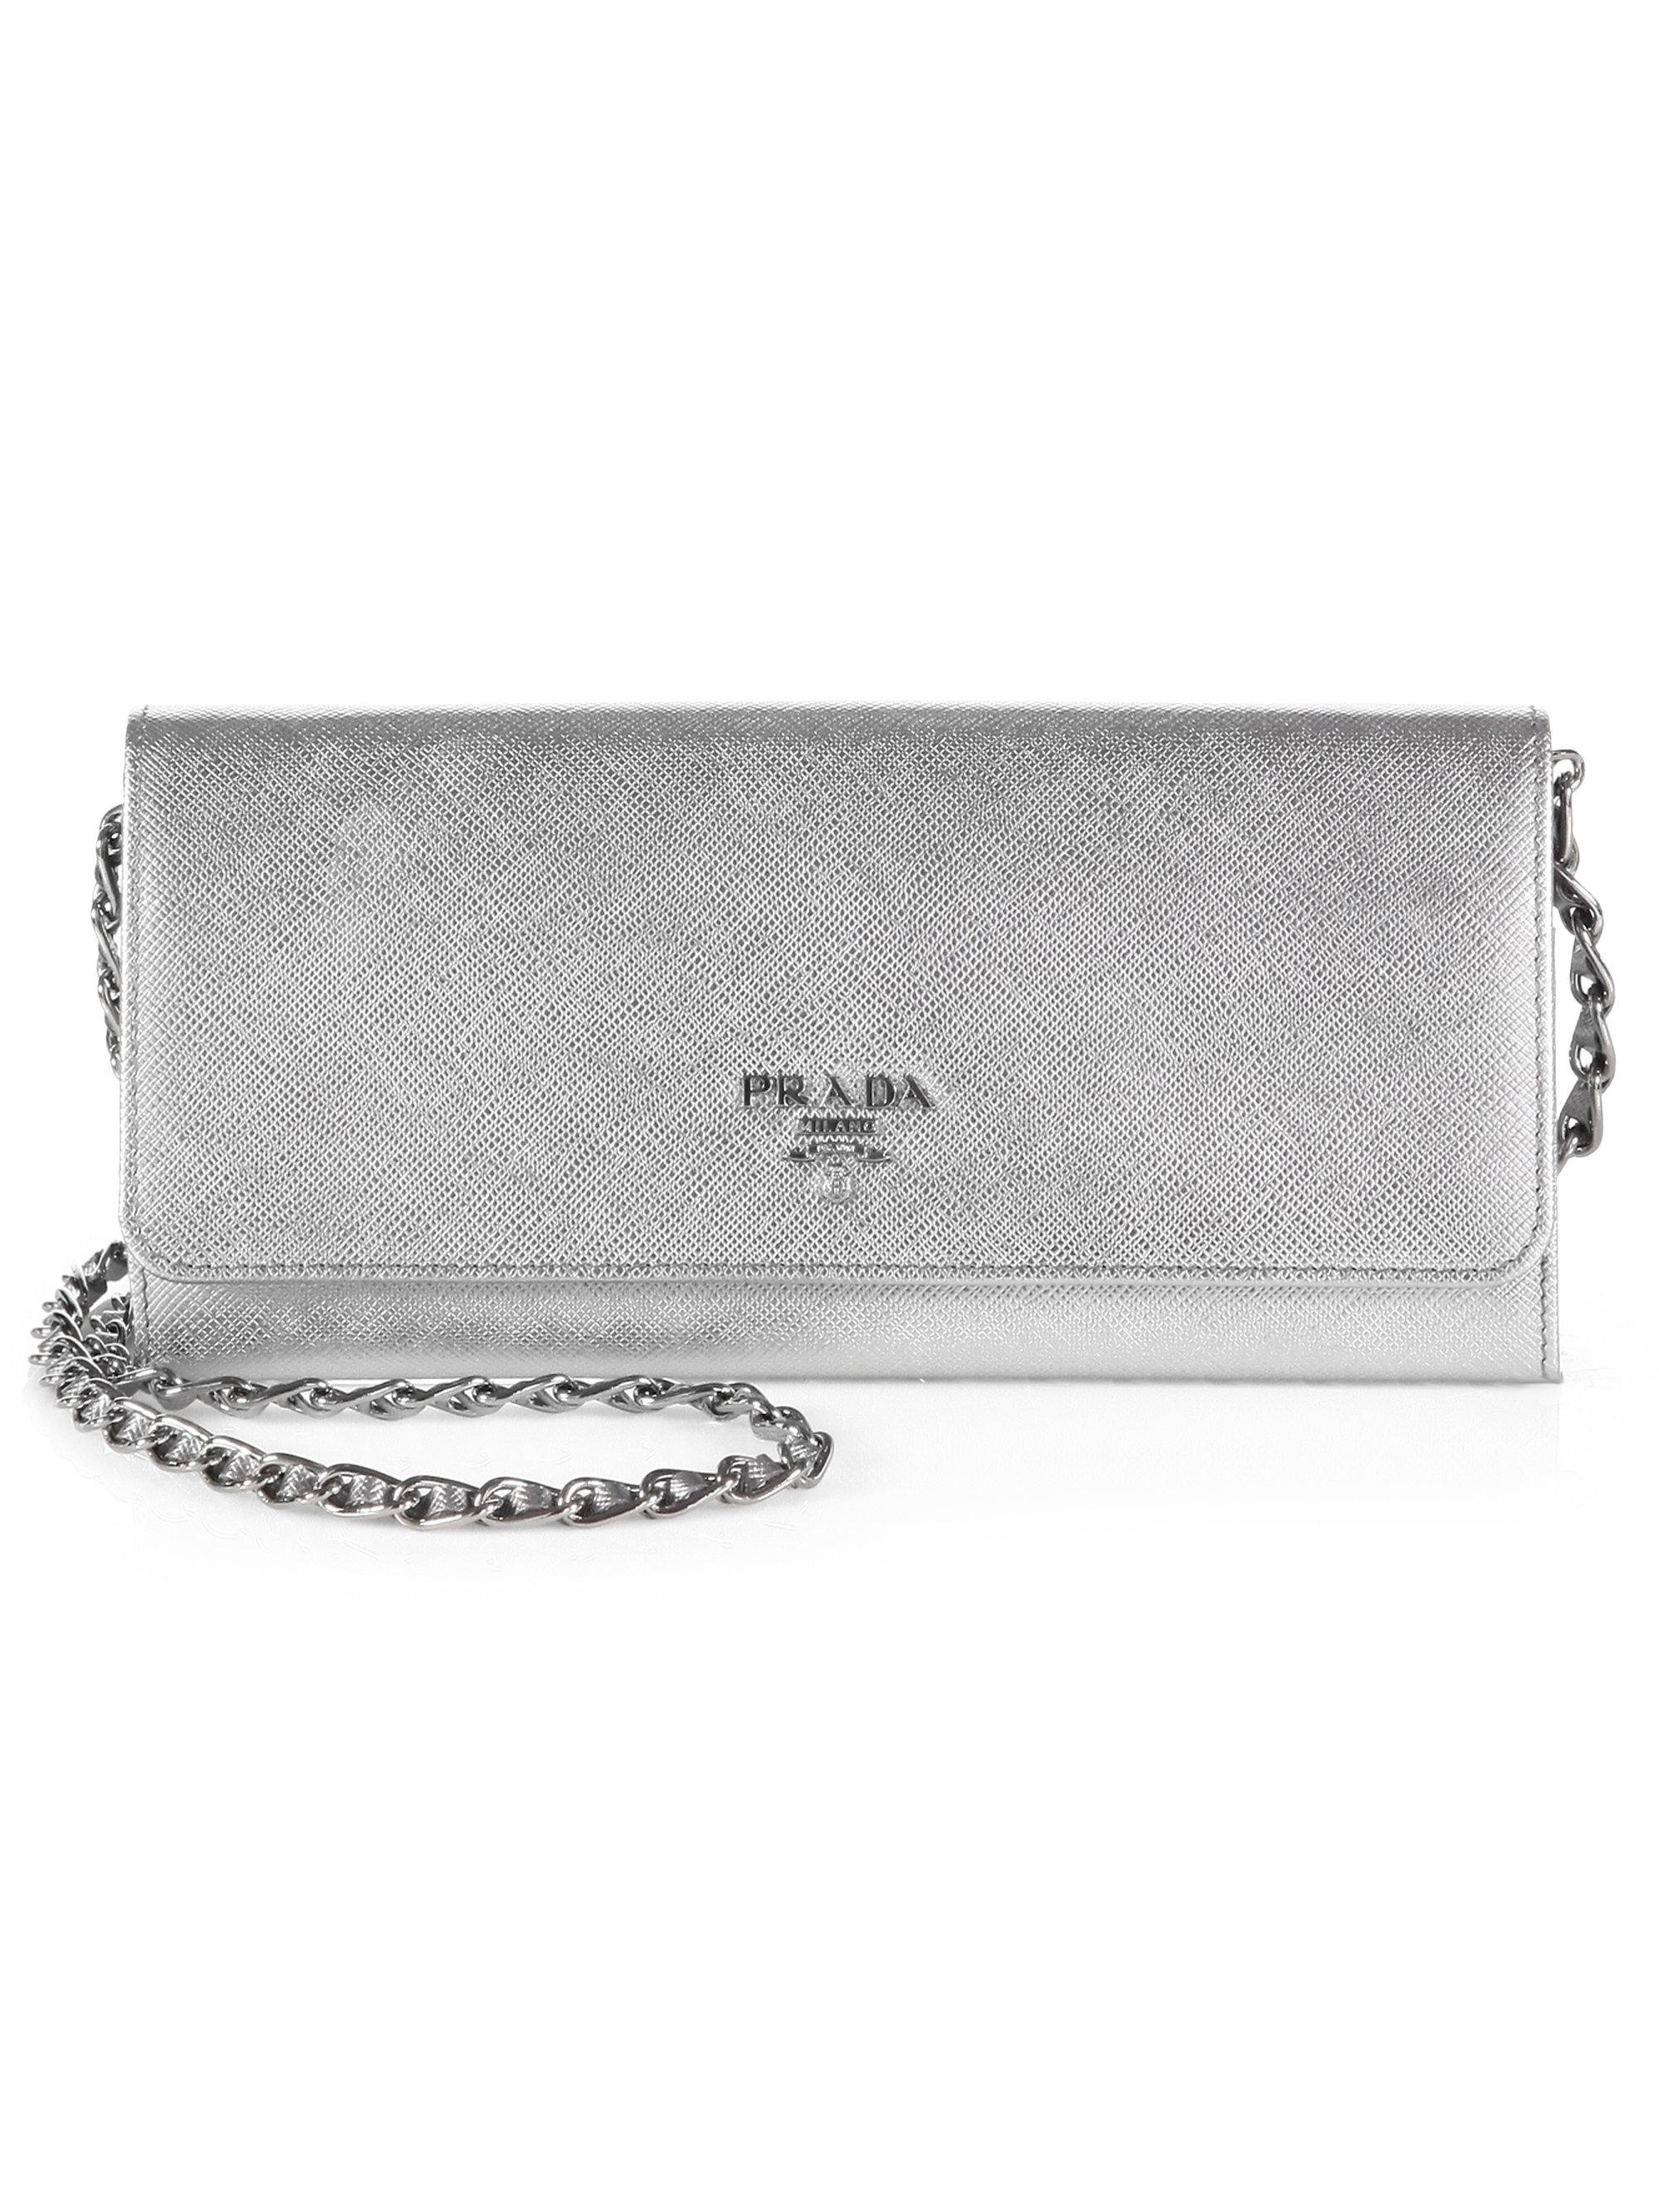 6d4b94b2d698e2 Prada Saffiano Metal Oro Wallet with Chain in Silver (CROMO-SILVER .